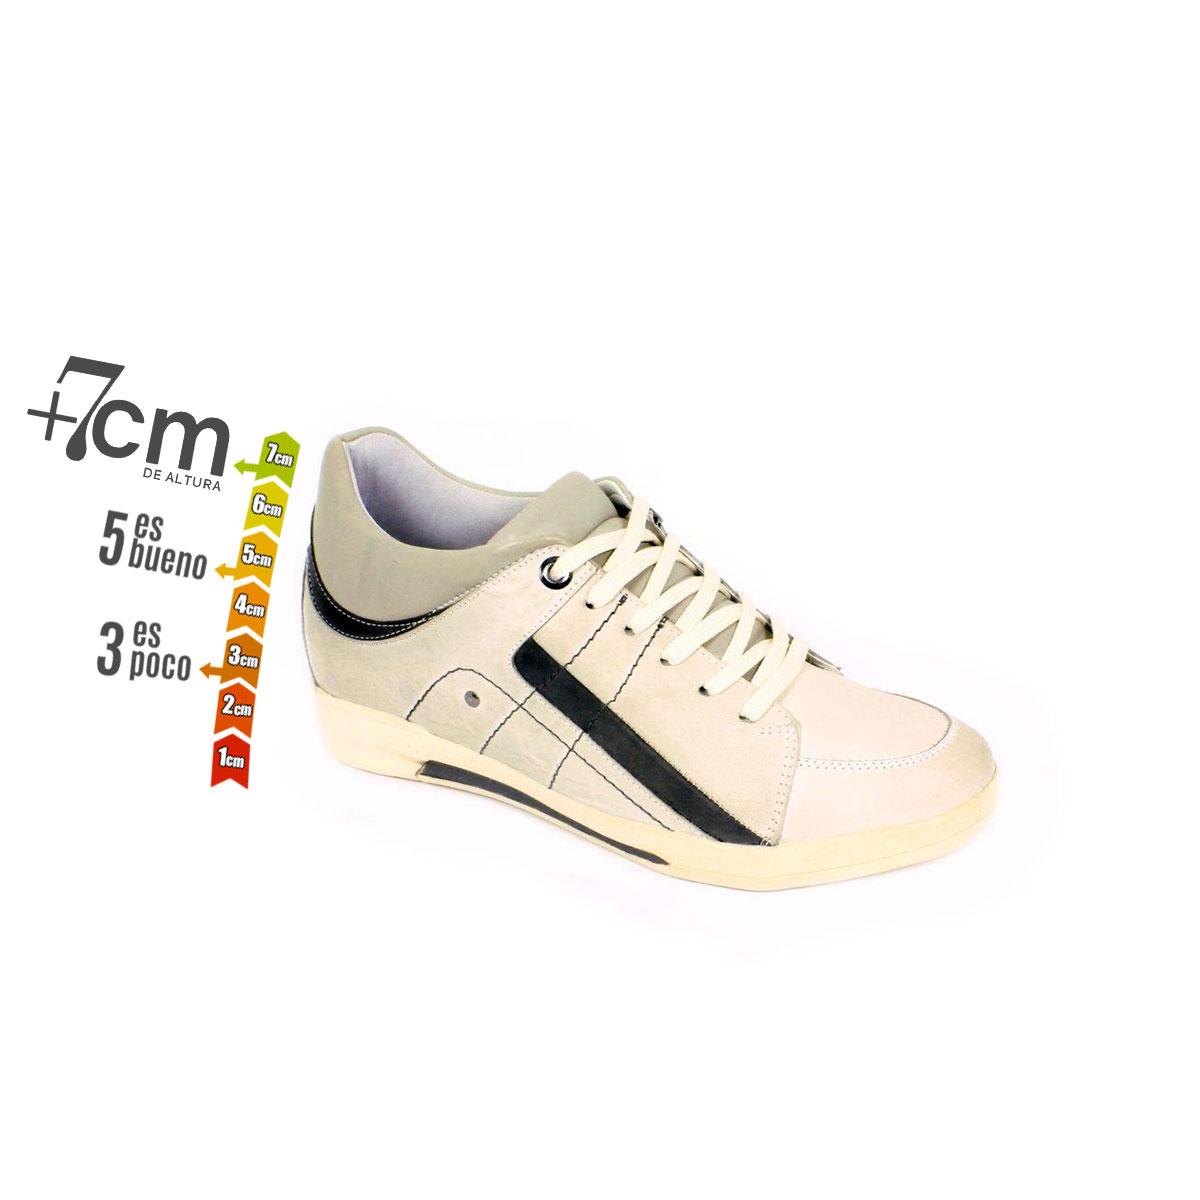 Tenis Street Gris Claro Max Denegri + 7 cm de Altura_74130